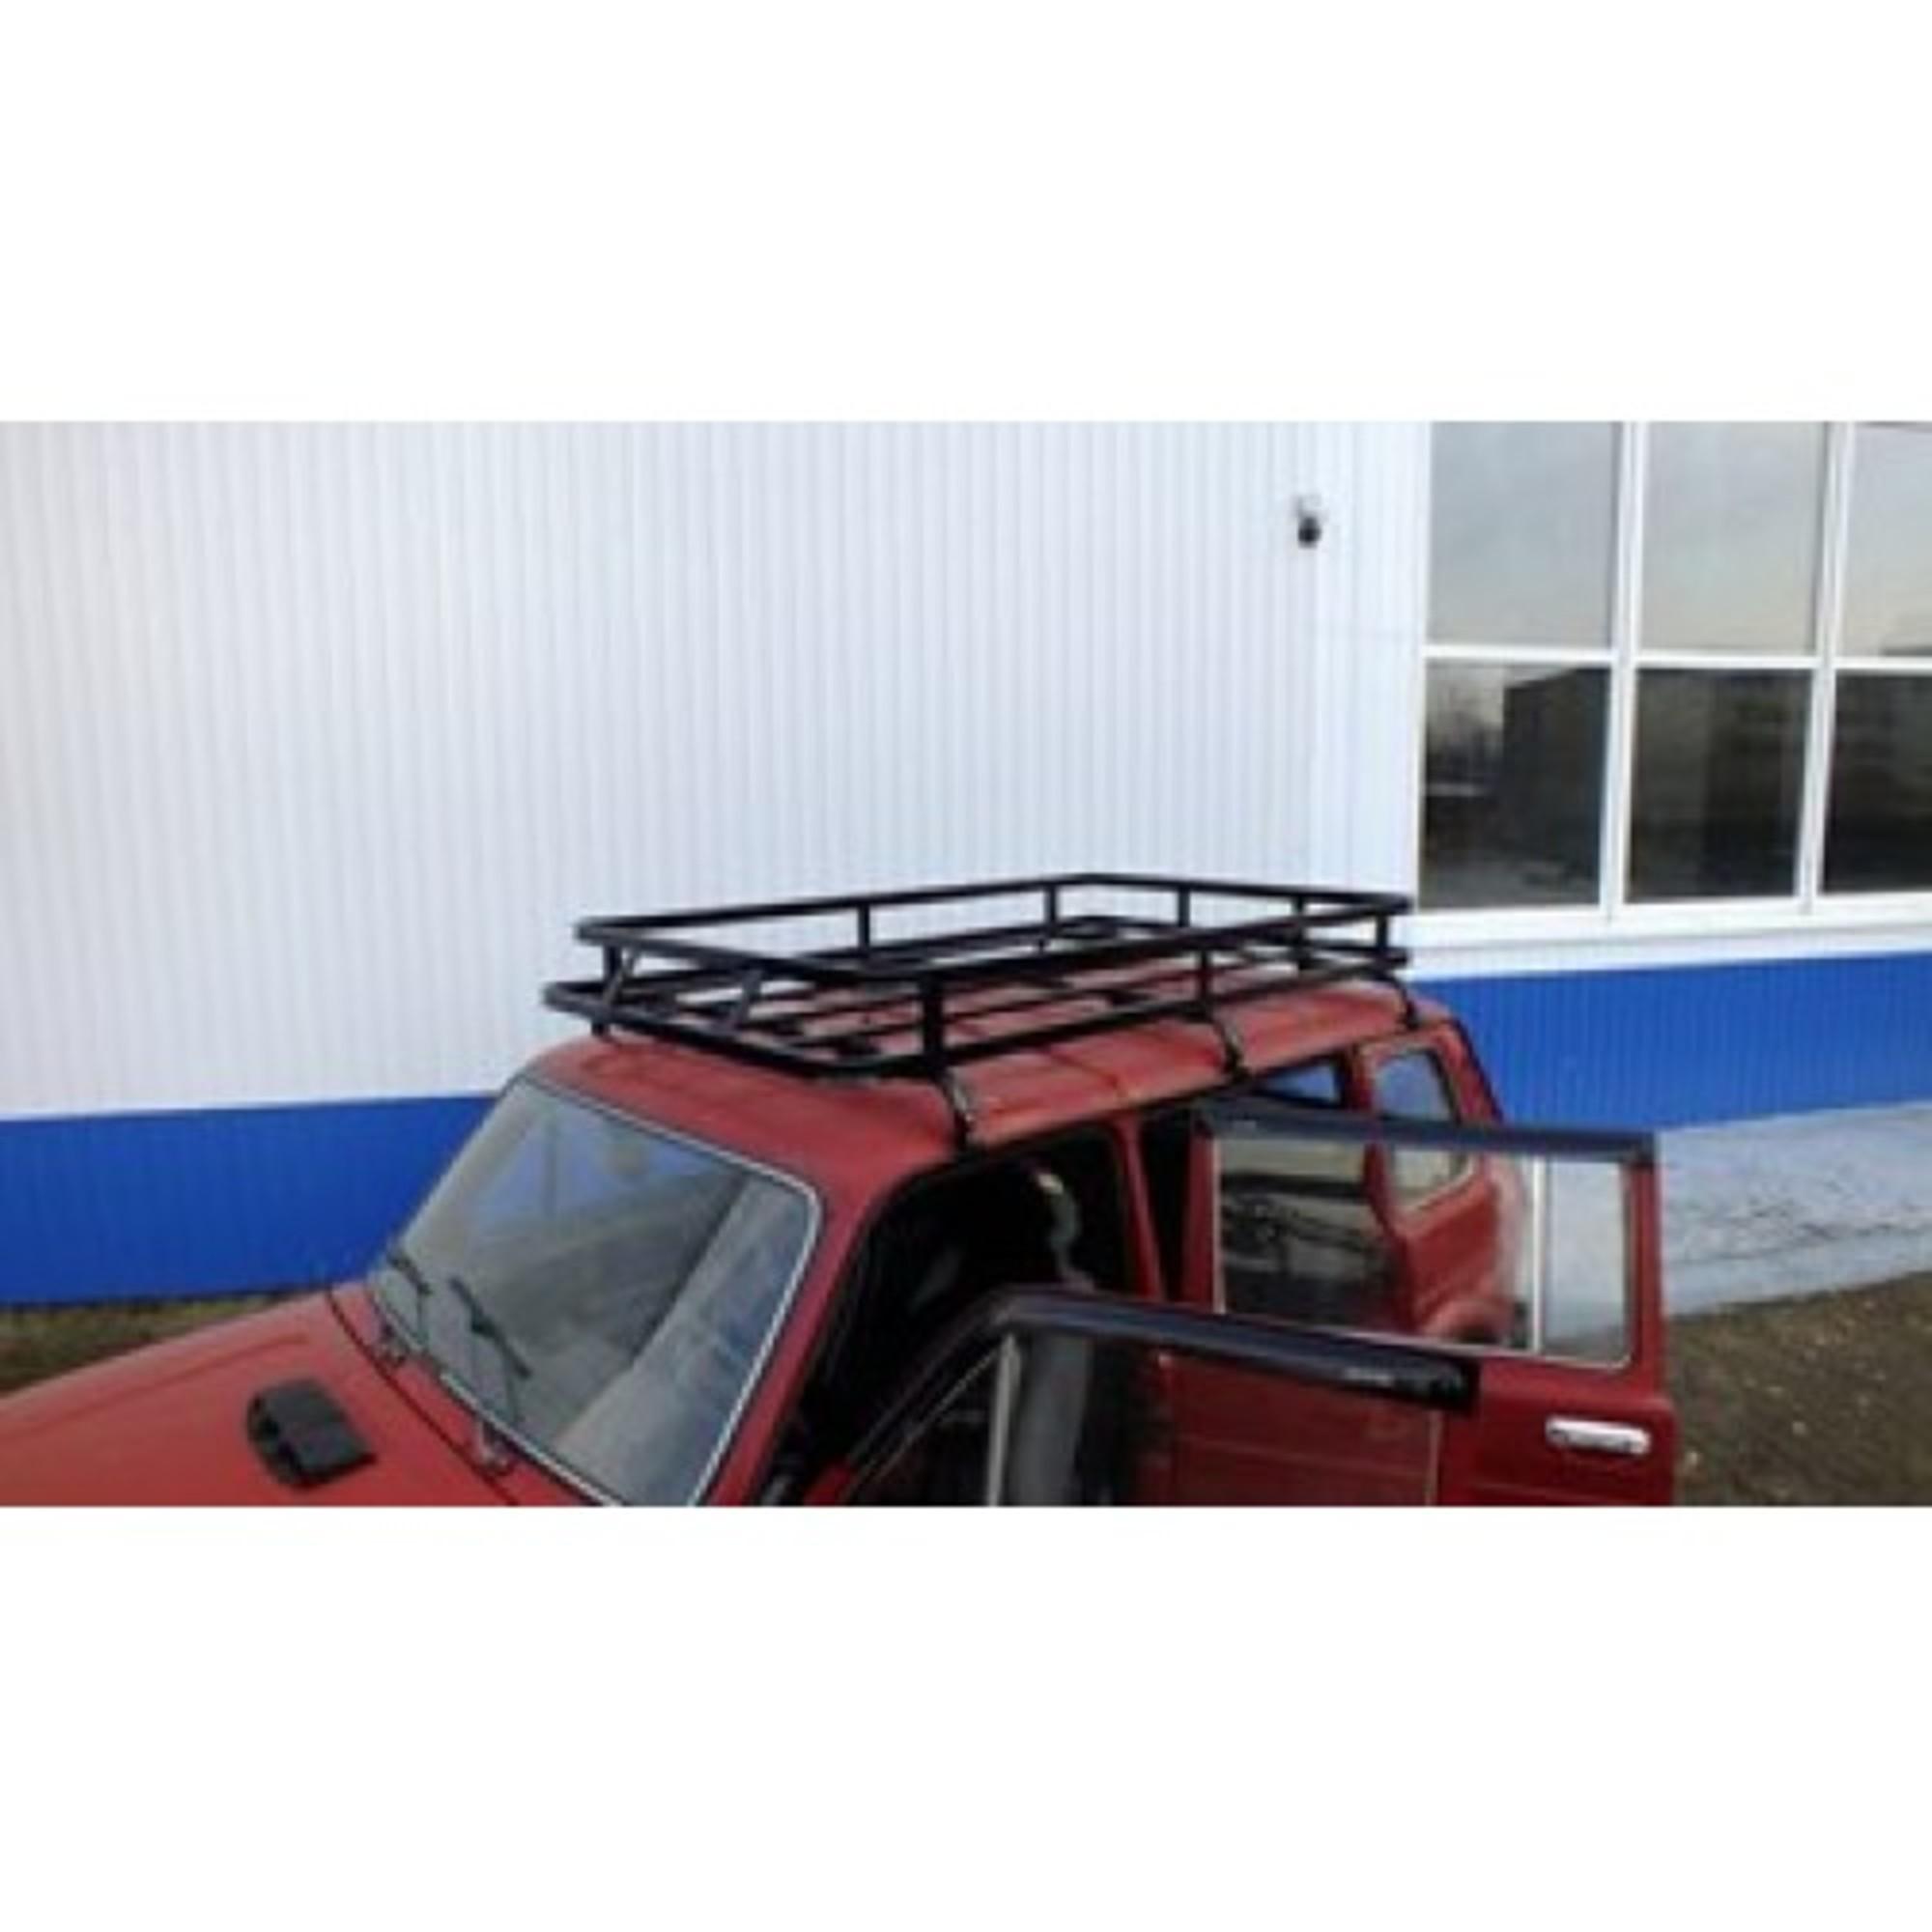 Багажник на НИВУ 2131 САХАЛИН (6 опор) с кронштейнами фар